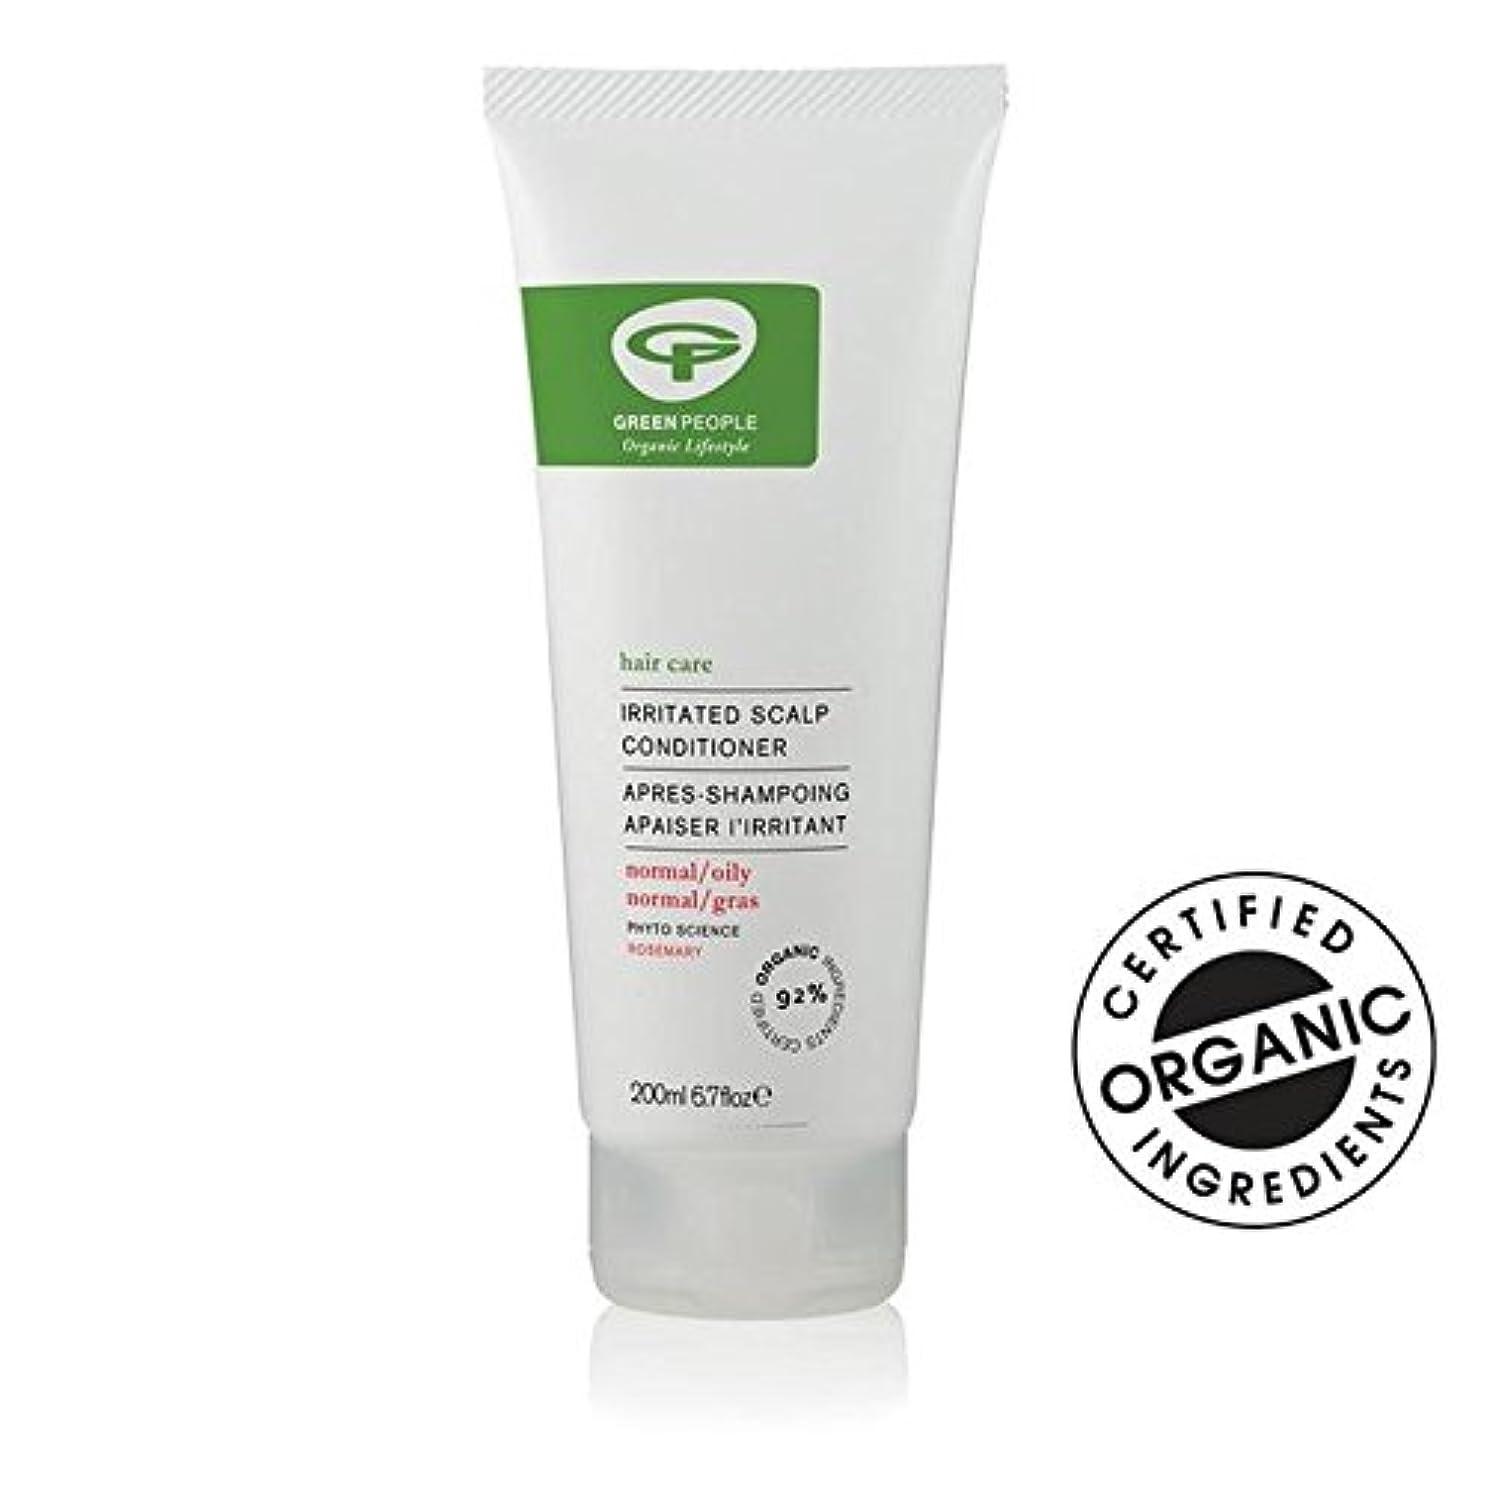 着替えるダイアクリティカル記憶緑の人々イライラ頭皮コンディショナー200 x4 - Green People Irritated Scalp Conditioner 200ml (Pack of 4) [並行輸入品]